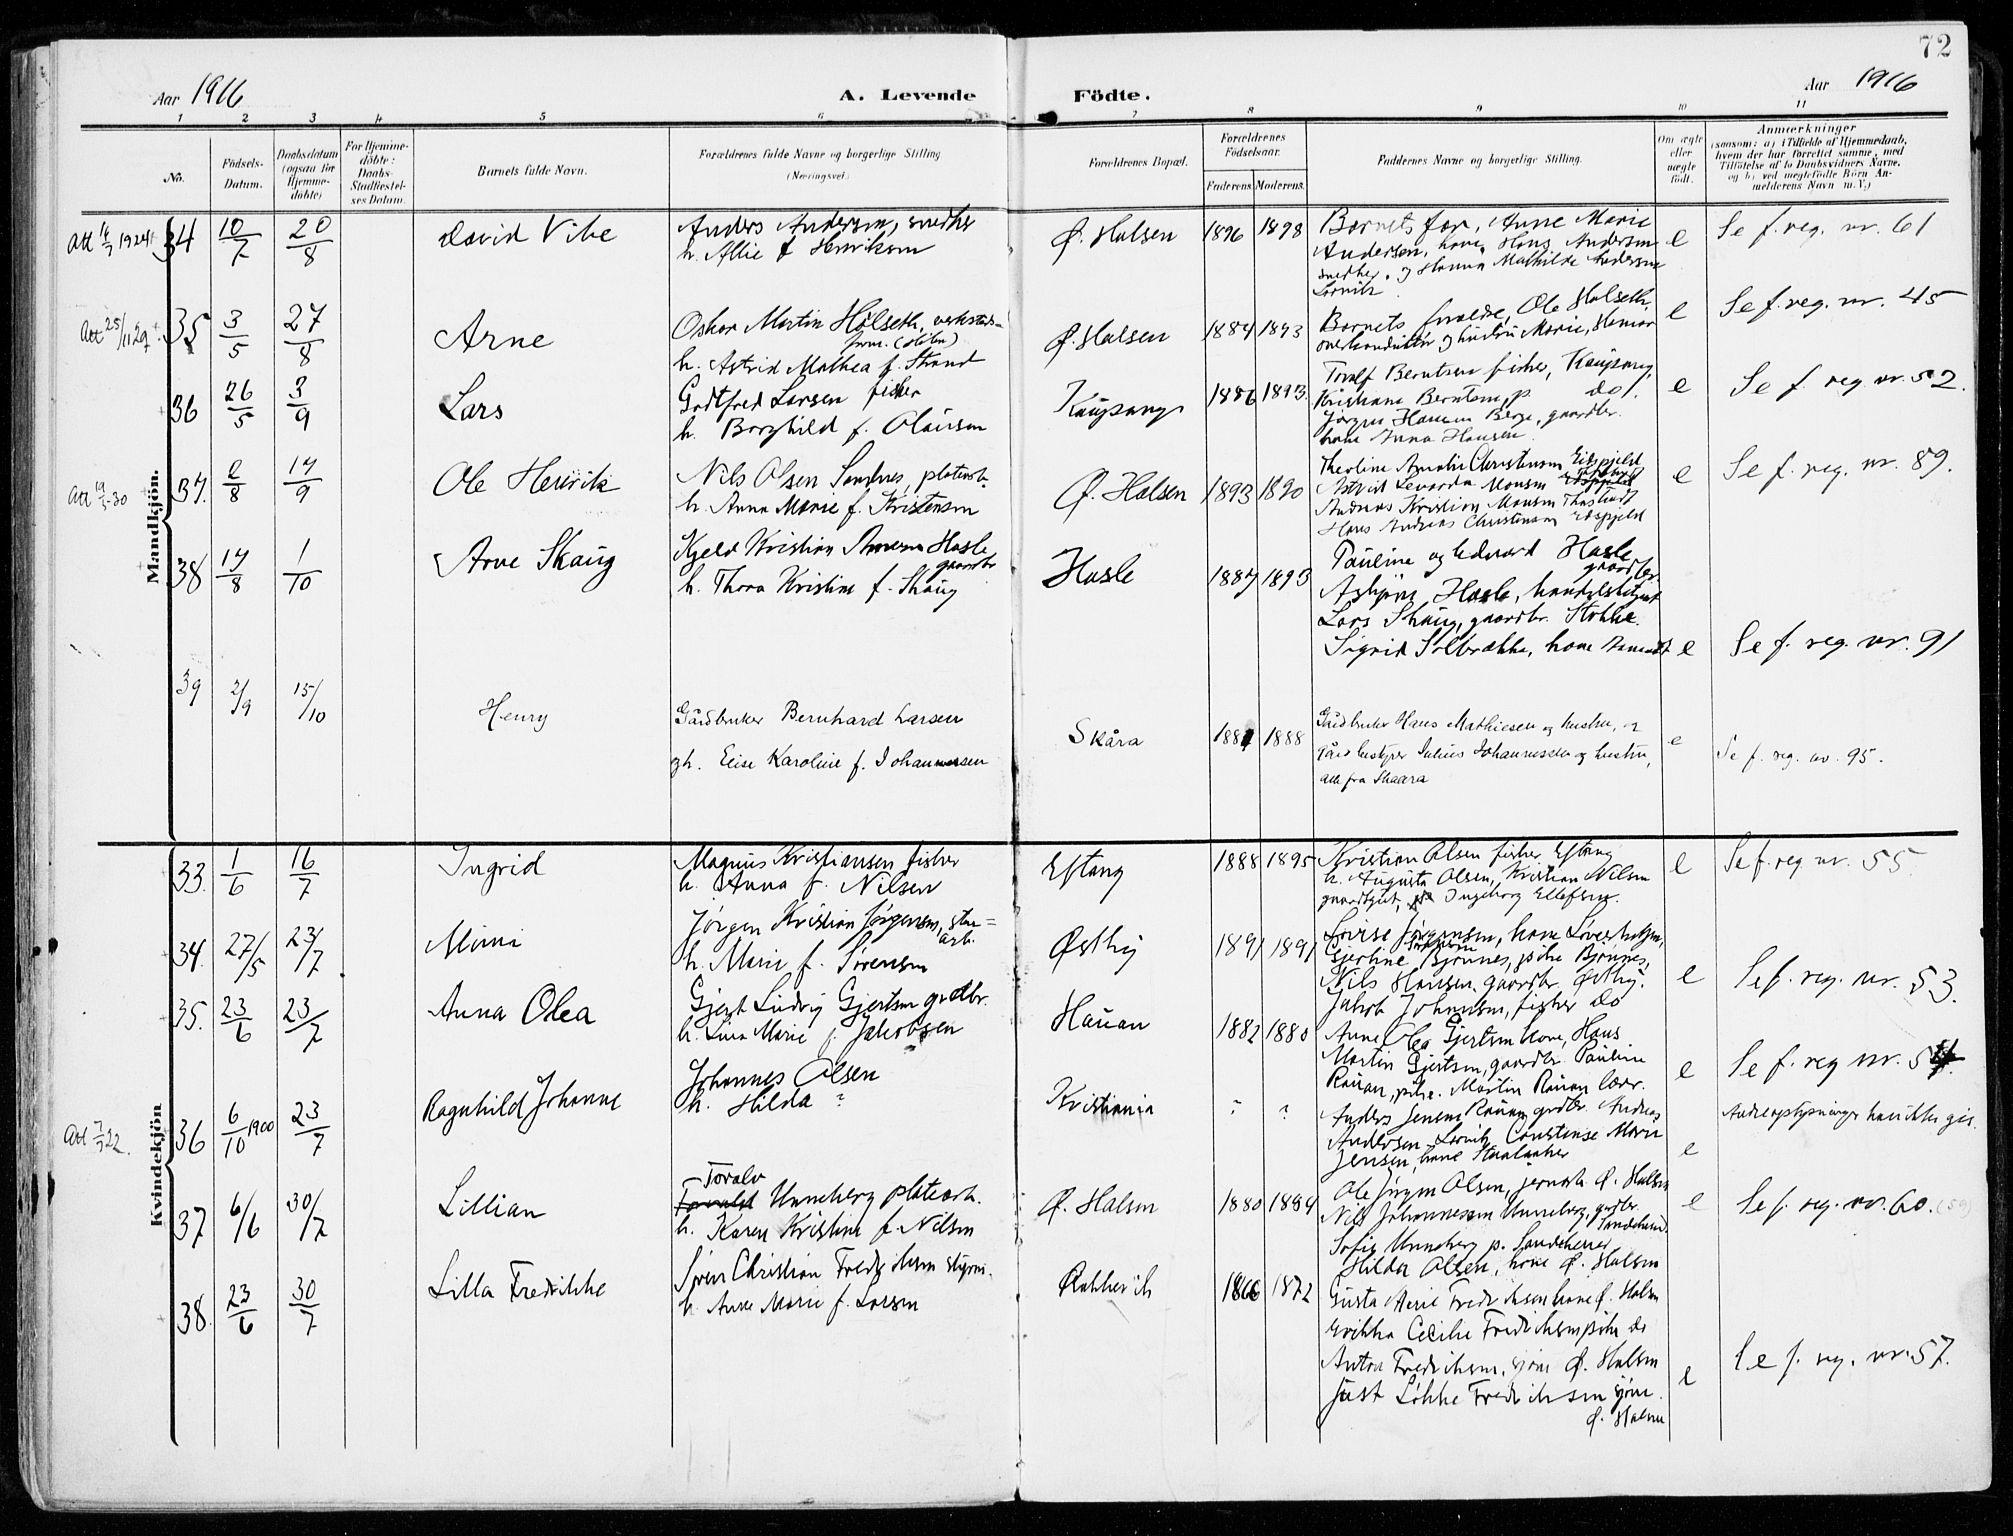 SAKO, Tjølling kirkebøker, F/Fa/L0010: Parish register (official) no. 10, 1906-1923, p. 72